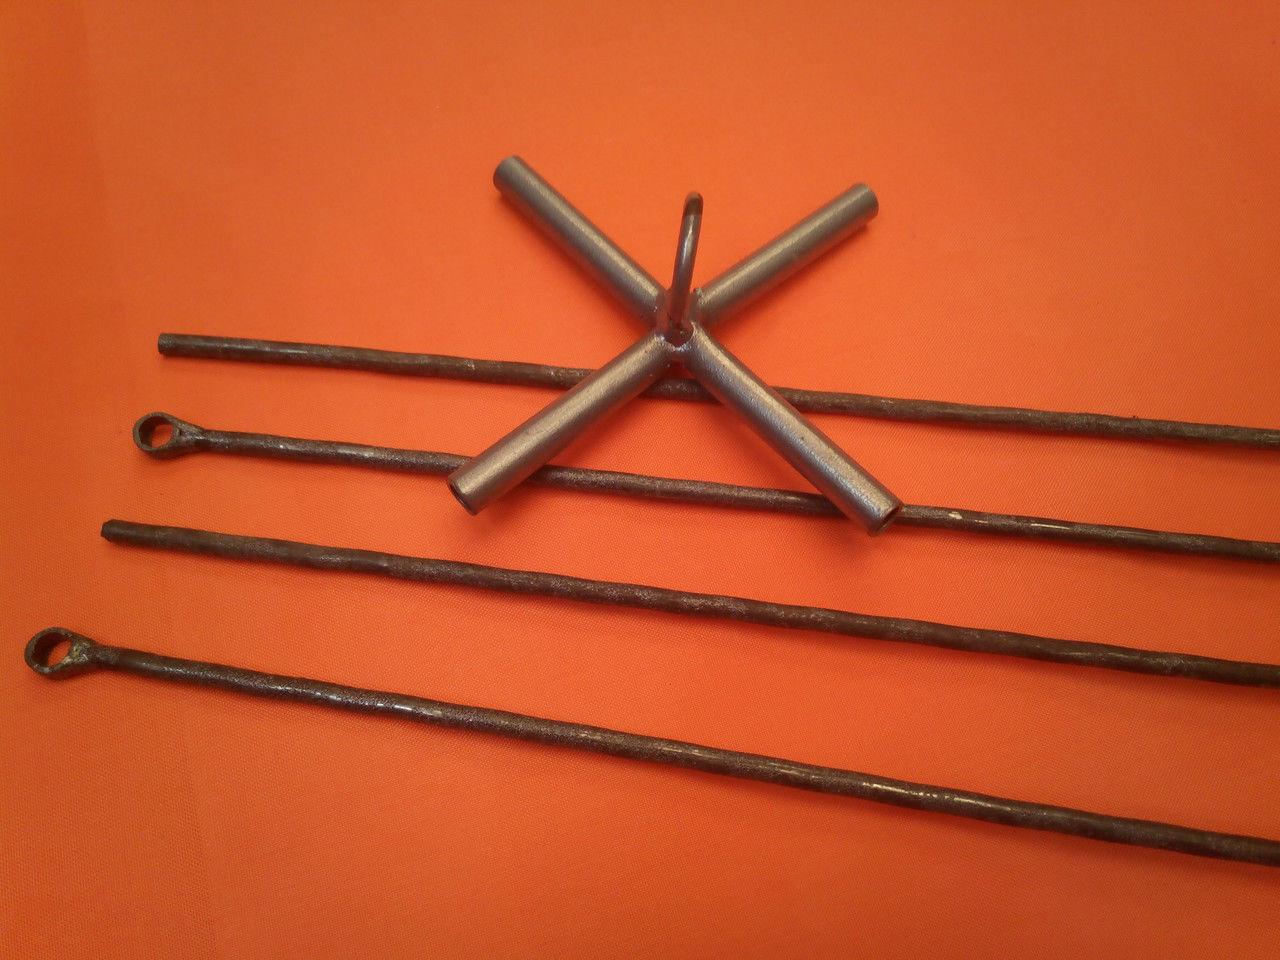 Дуги на подъёмник рыбацкий размеры : 1,0х1,0 ;1,5х1,5 ; 2,0х2,0 ; 2,5х2,5 м